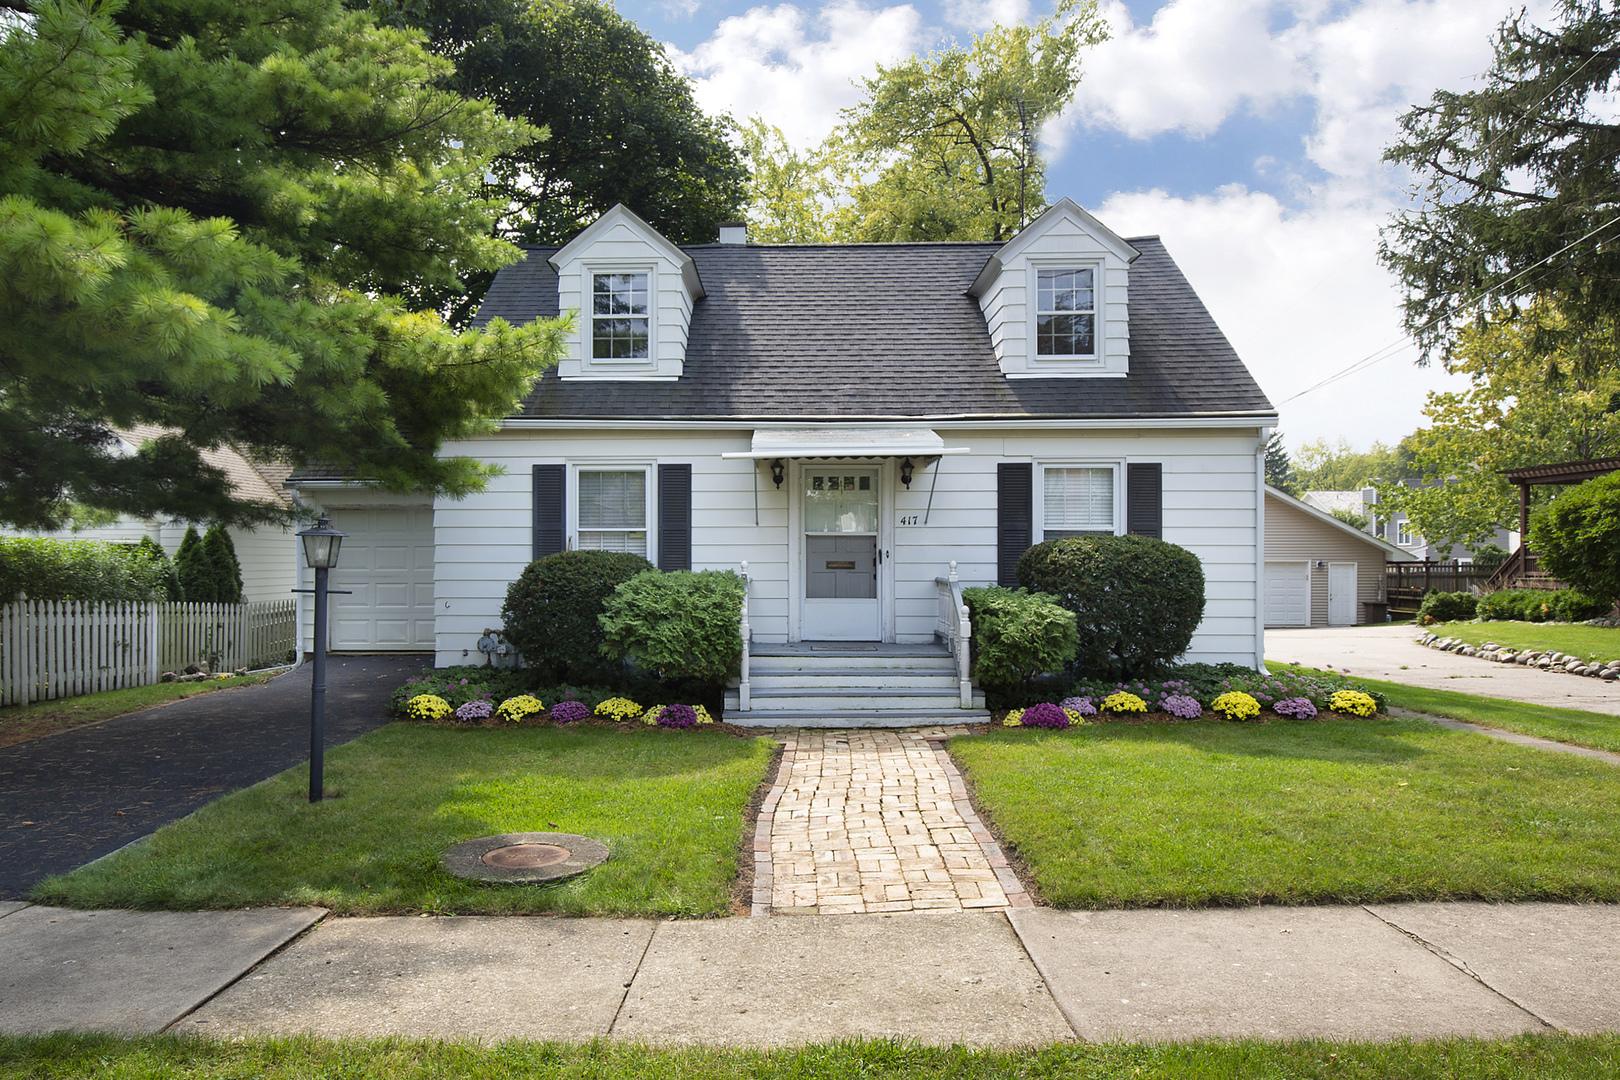 417 Russell ,Barrington, Illinois 60010